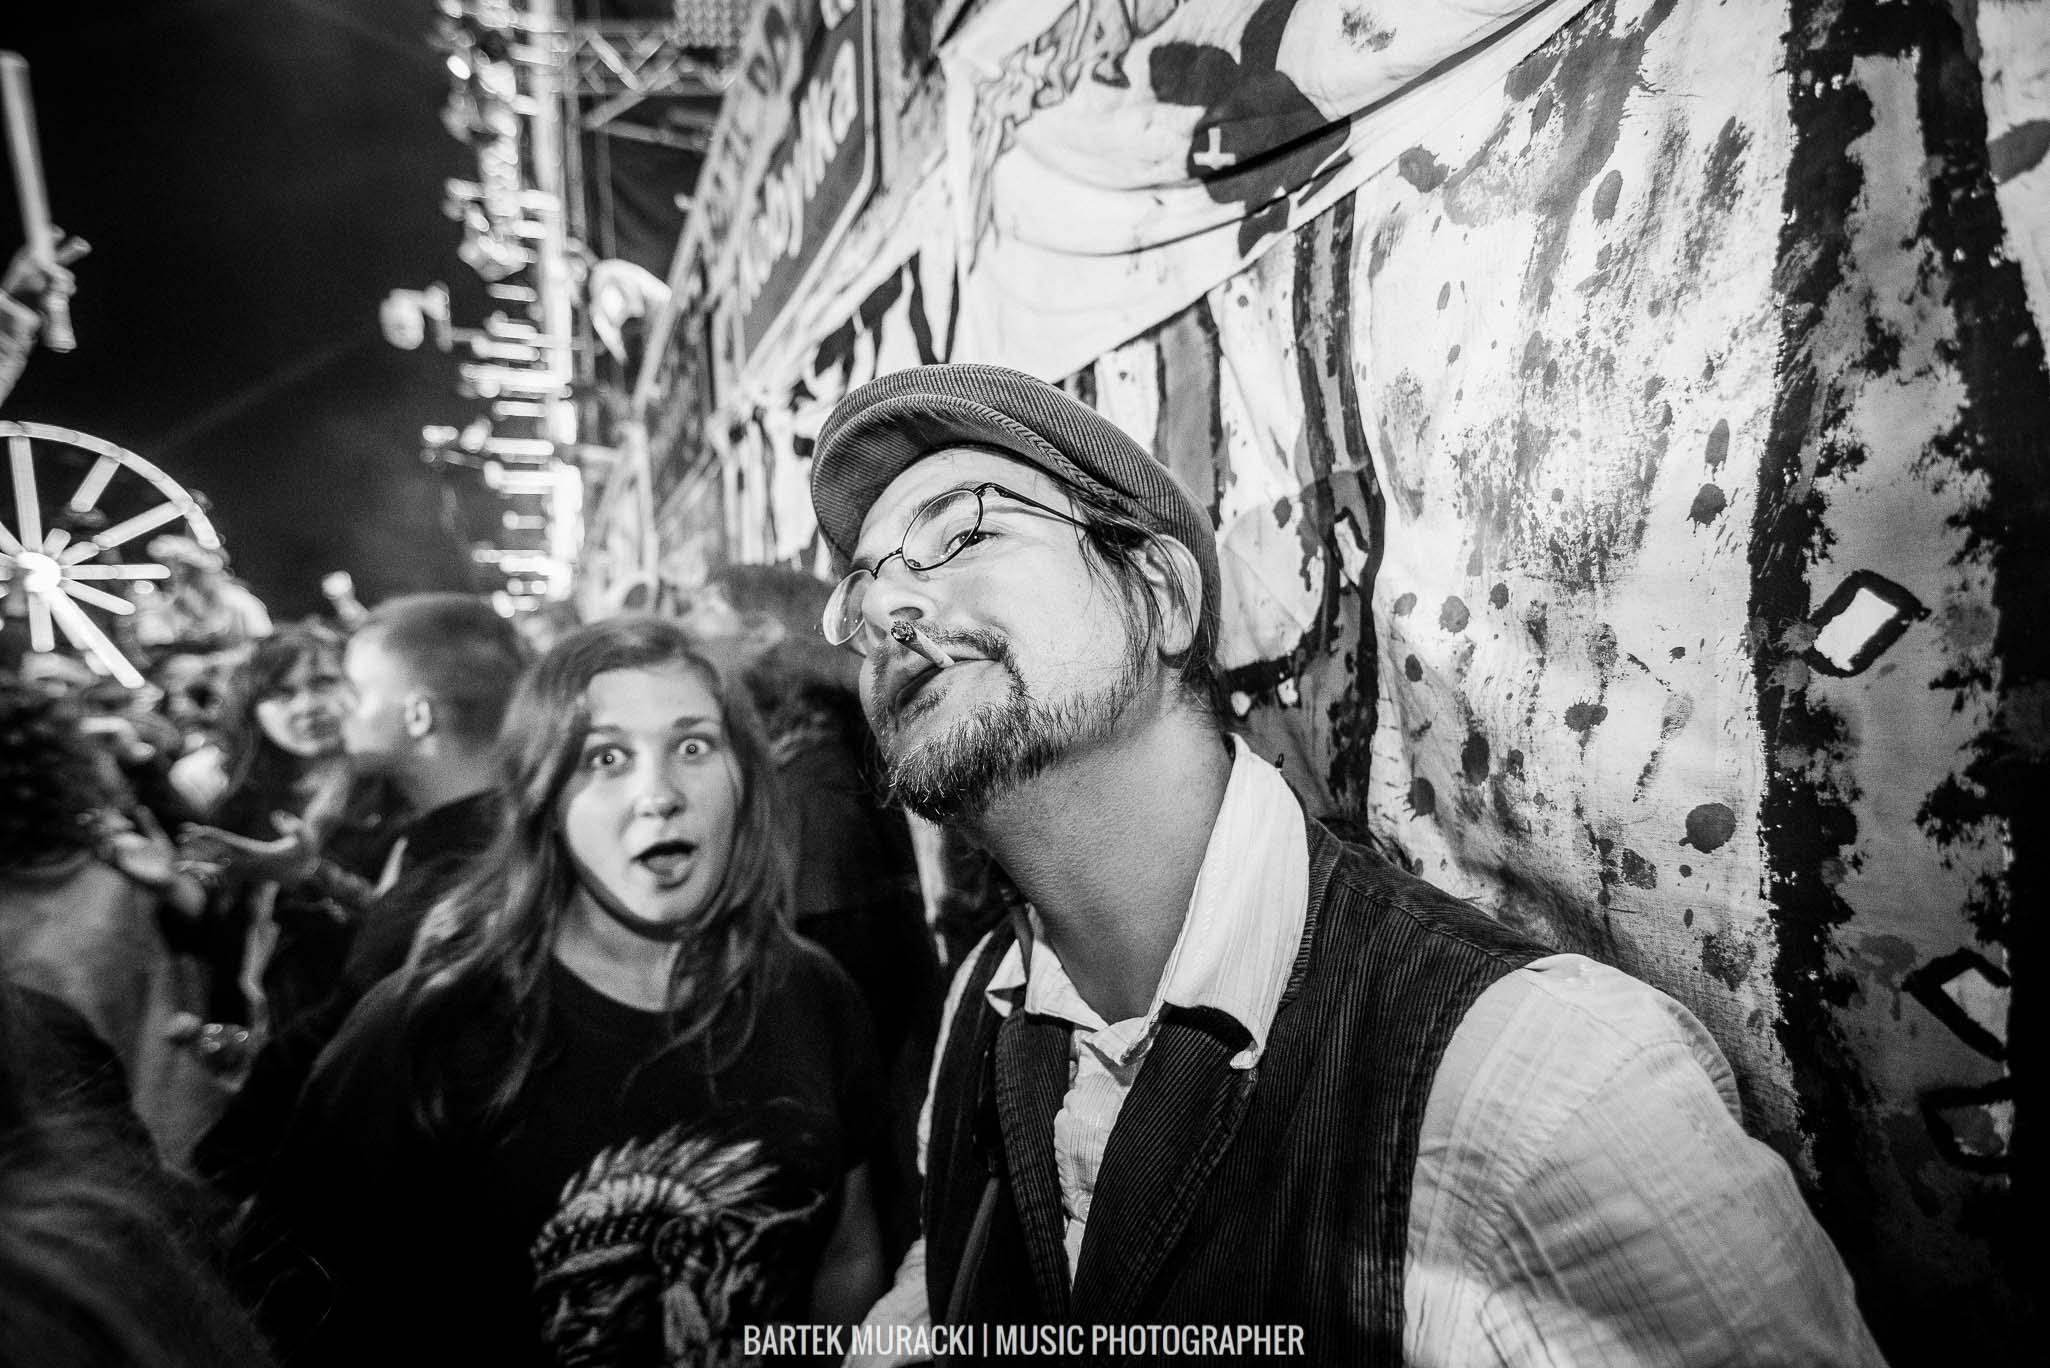 Przystanek-Woodstock-2016-WB-foto-Bartek-Muracki--395794